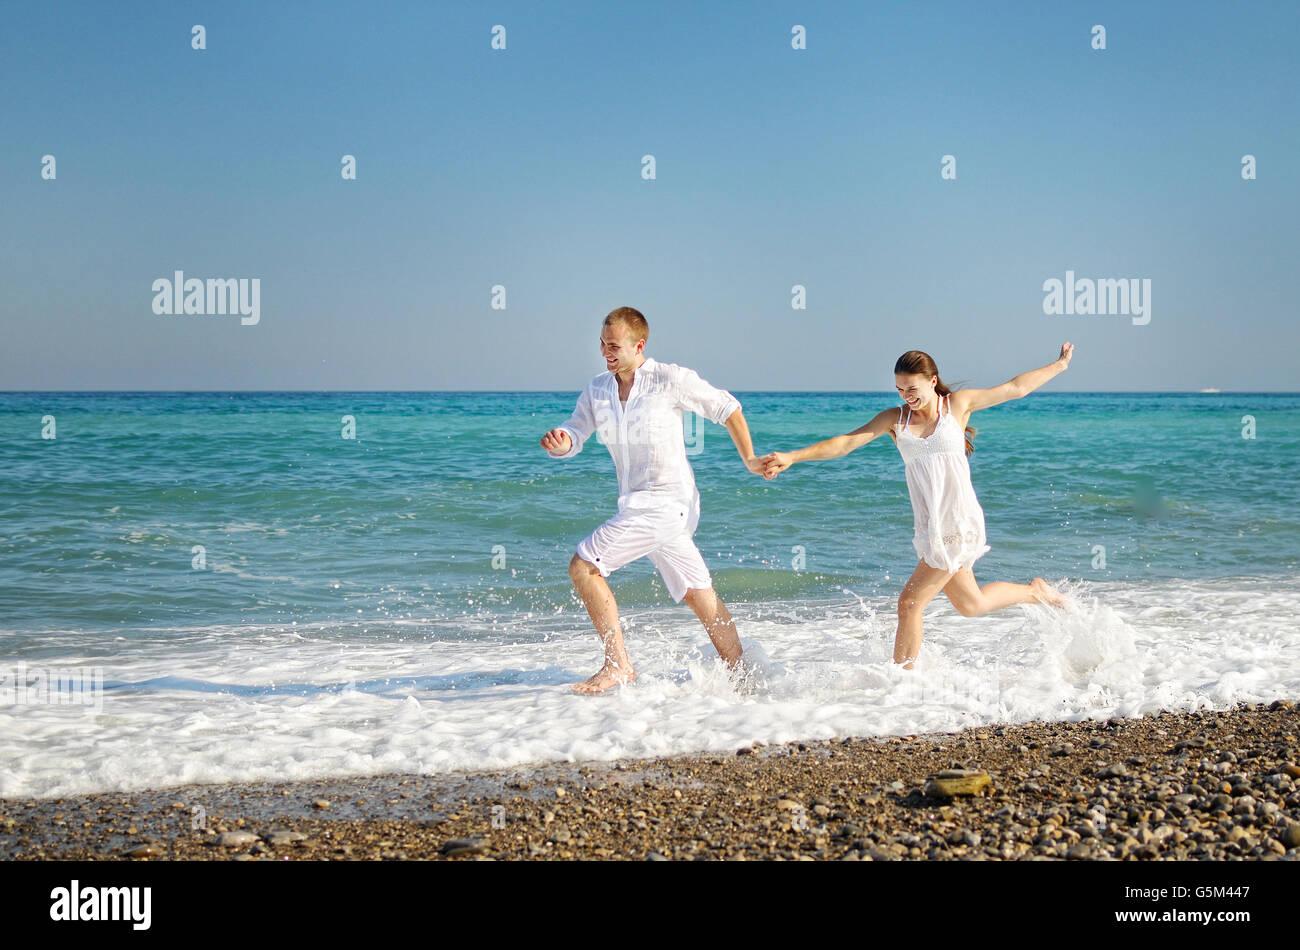 6e1fb410eb35 Felice coppia giovane corre con le mani giunte sulla costa del mare. Il  ragazzo e ragazza vestita di bianco facile vestiti. Sulle facce expressio